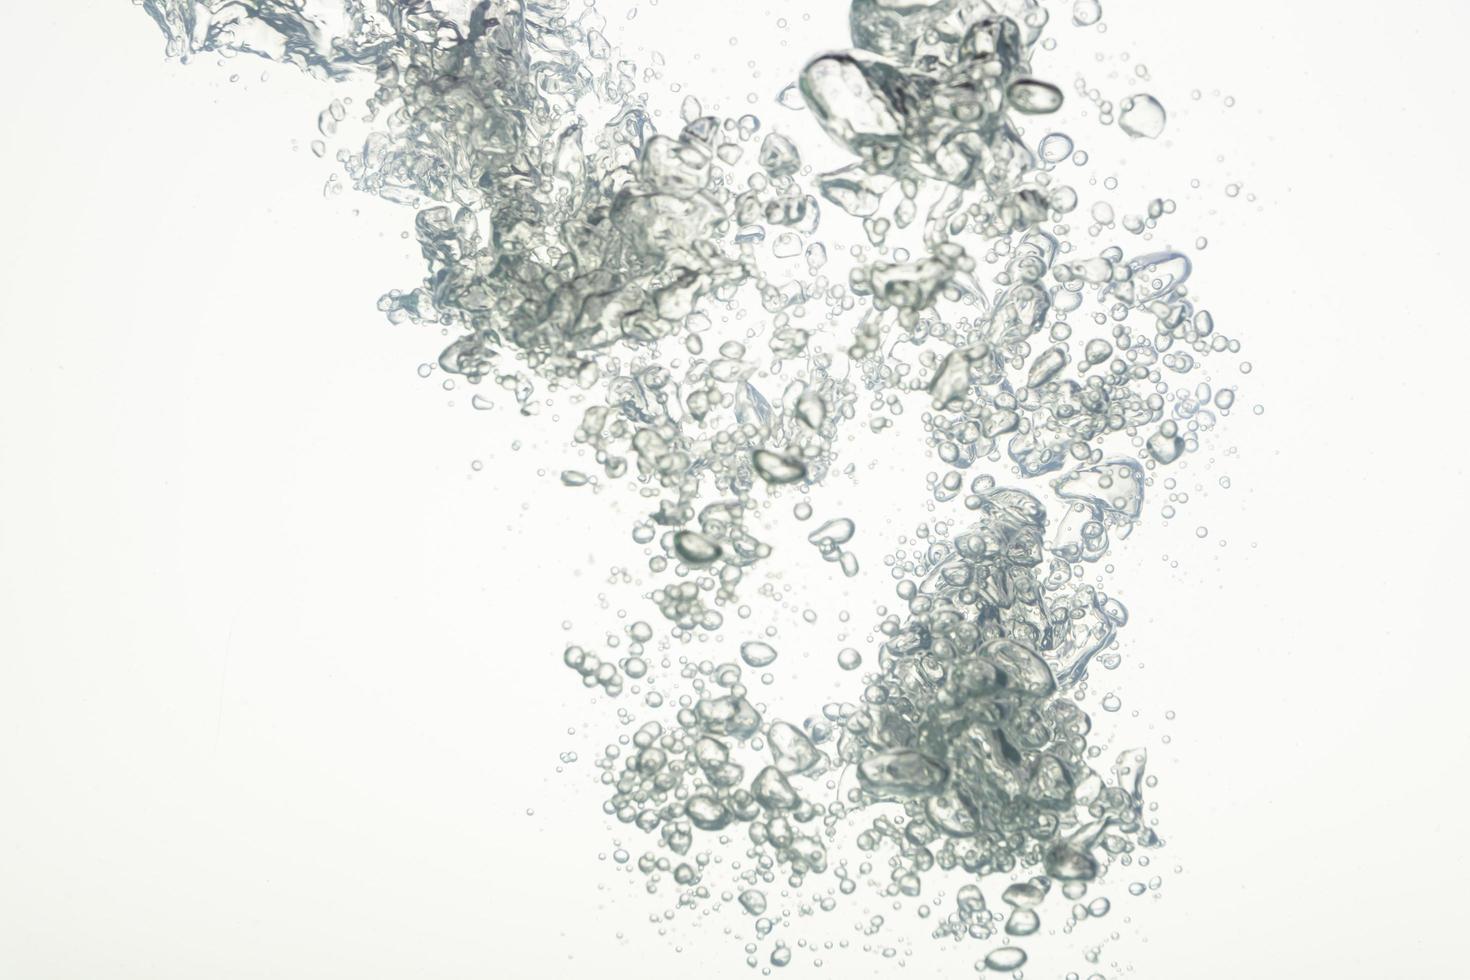 bulles dans l'eau photo